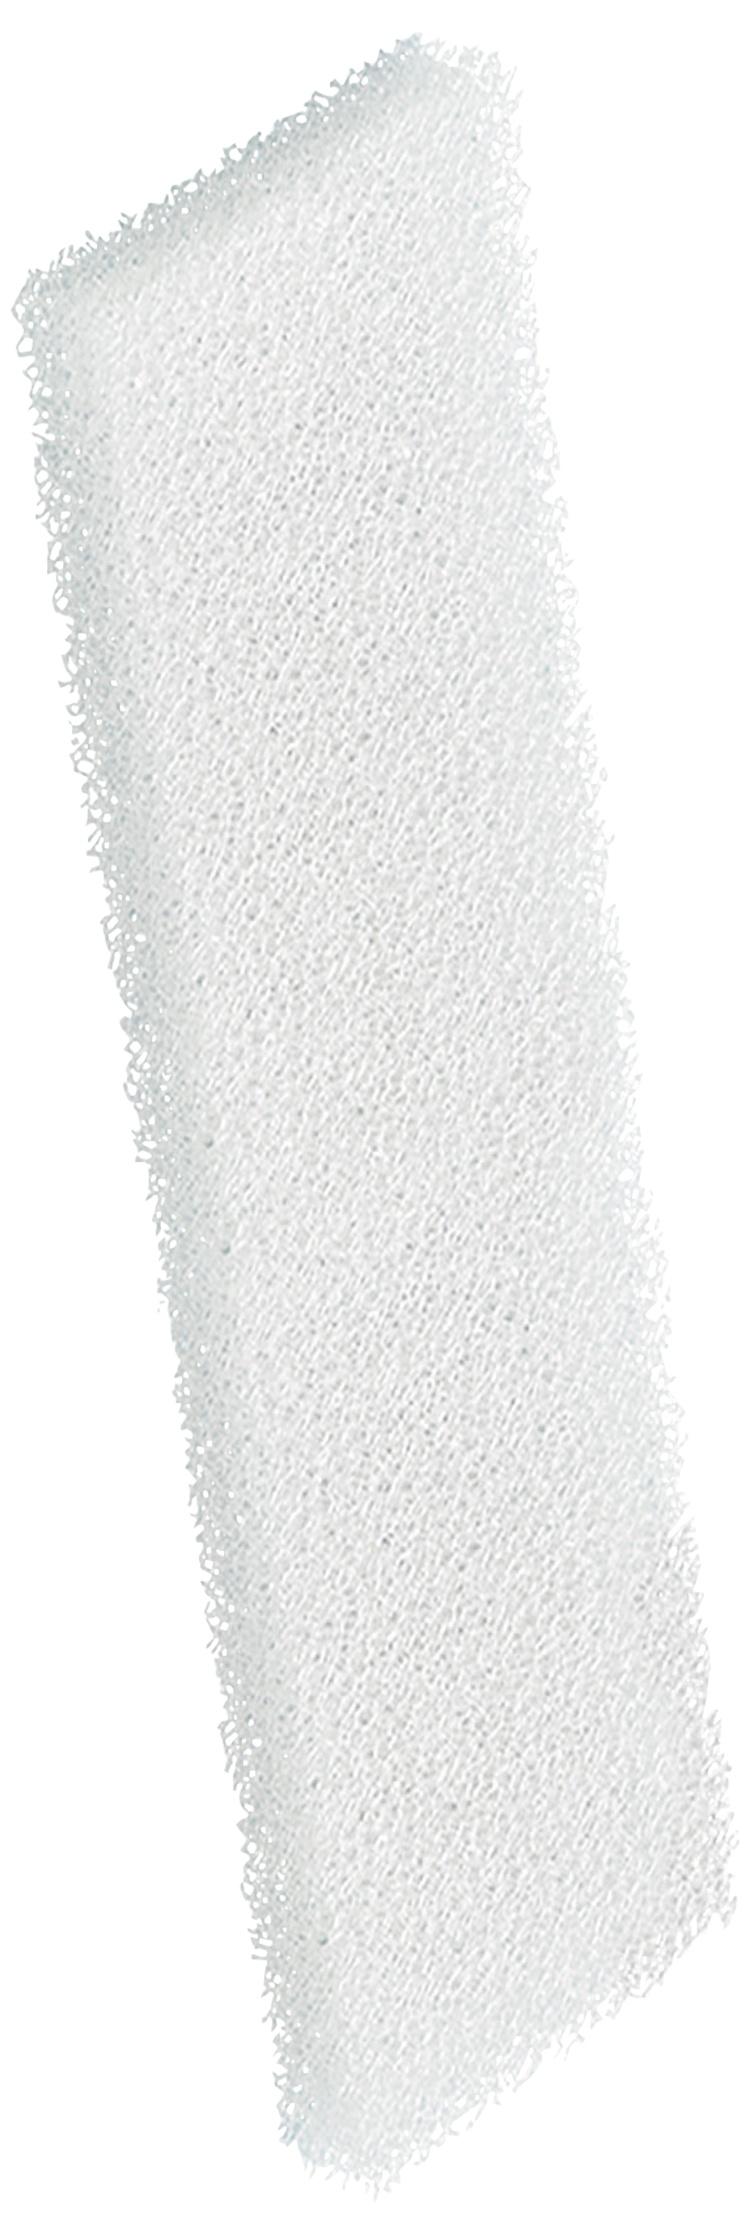 Наполнитель аквариумного фильтра - Foam for Fluval U4